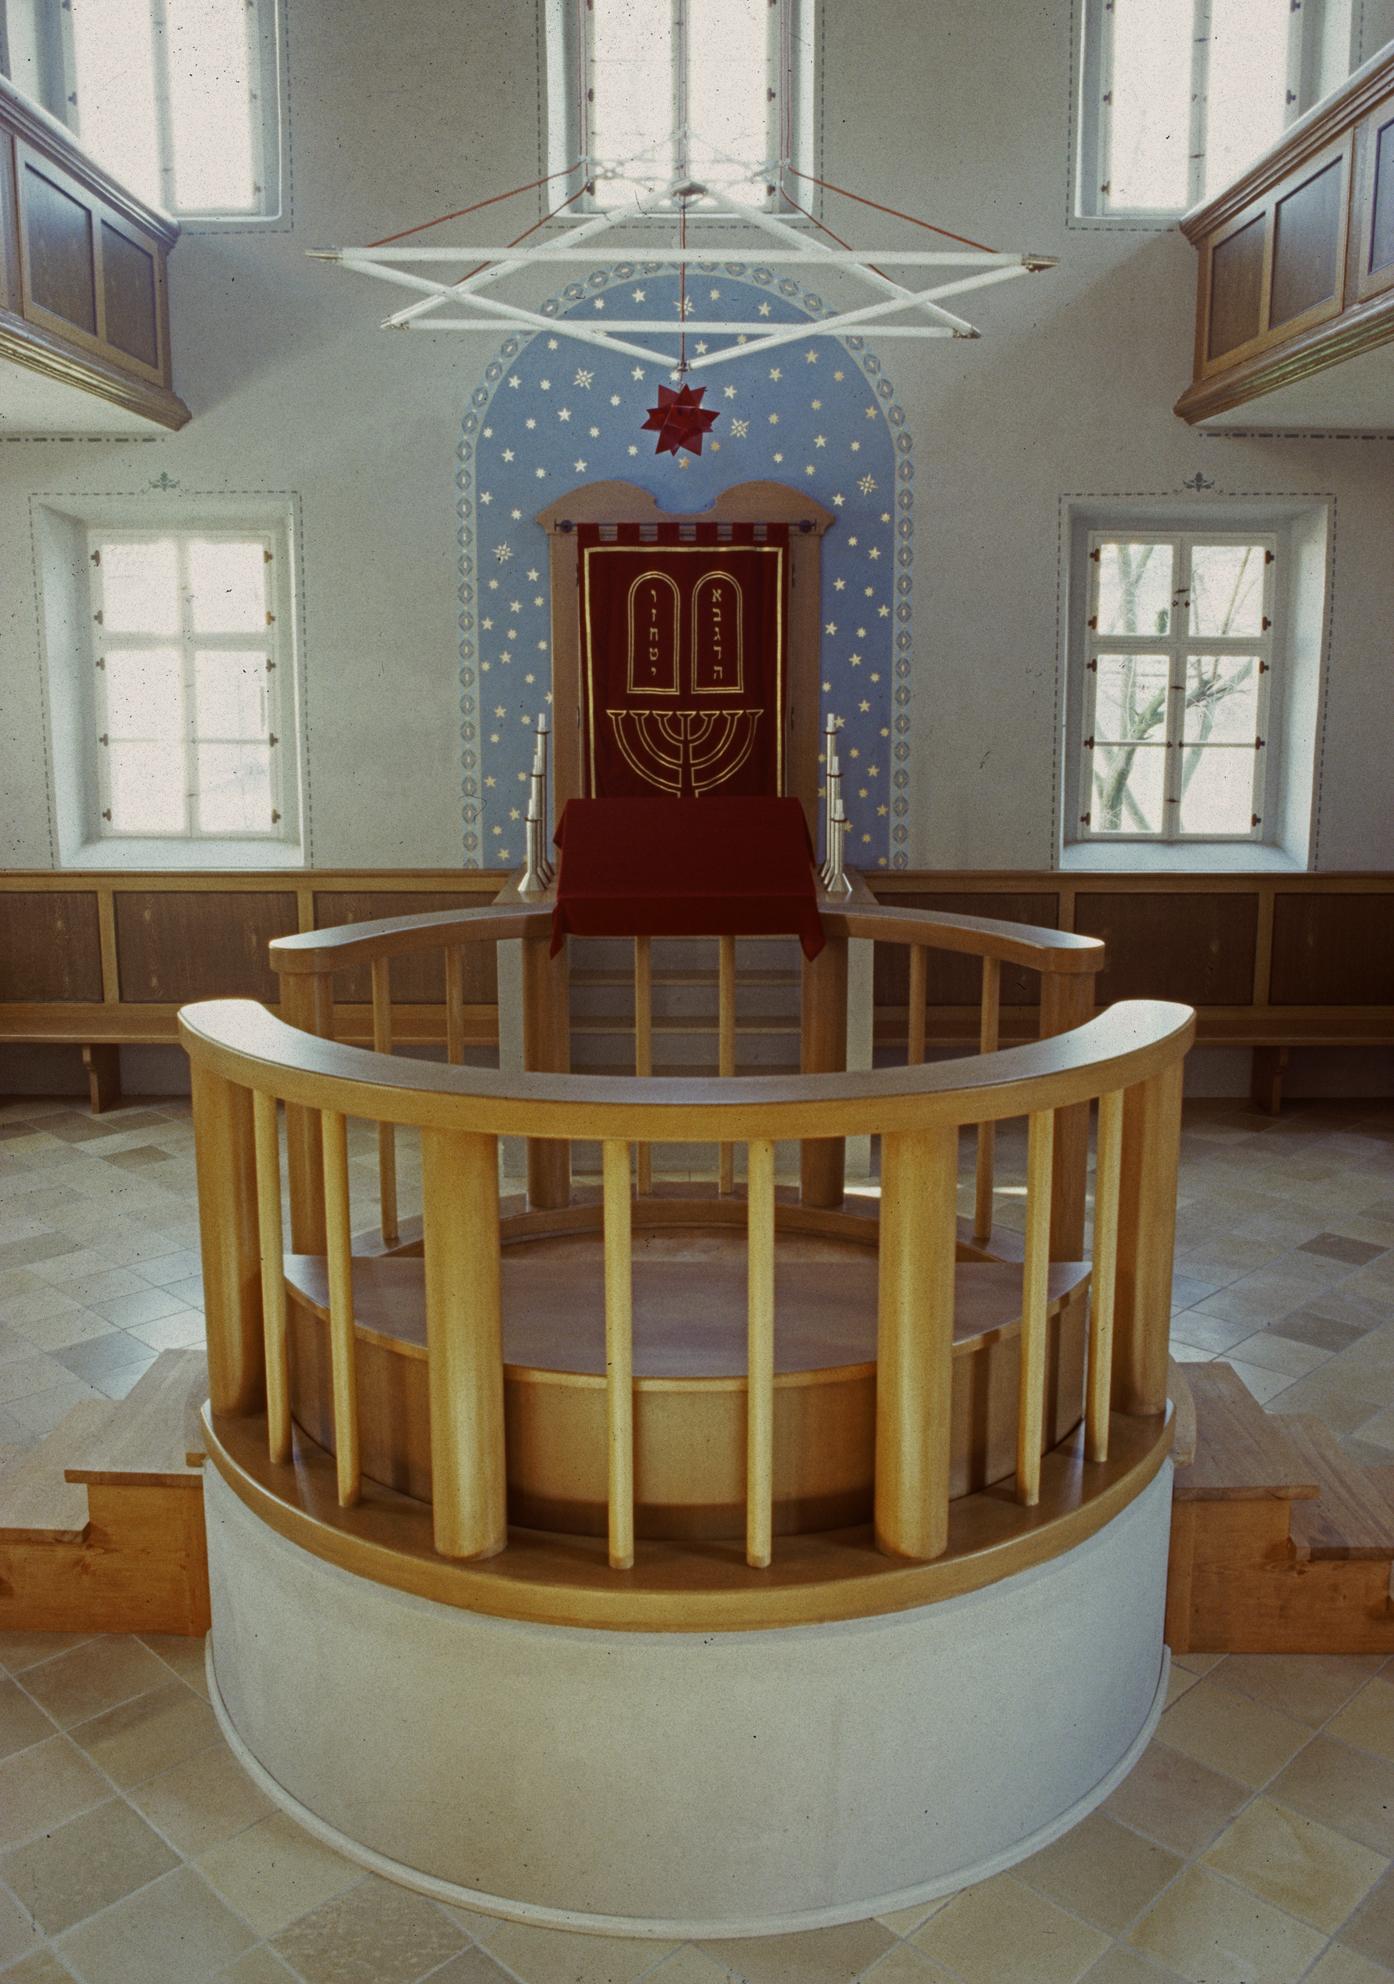 Synagoge Ermreuth Innenaufnahme mit Bima und Thoraschrein. Foto: Synagoge und jüdisches Museum Ermreuth, Alexander Nadler